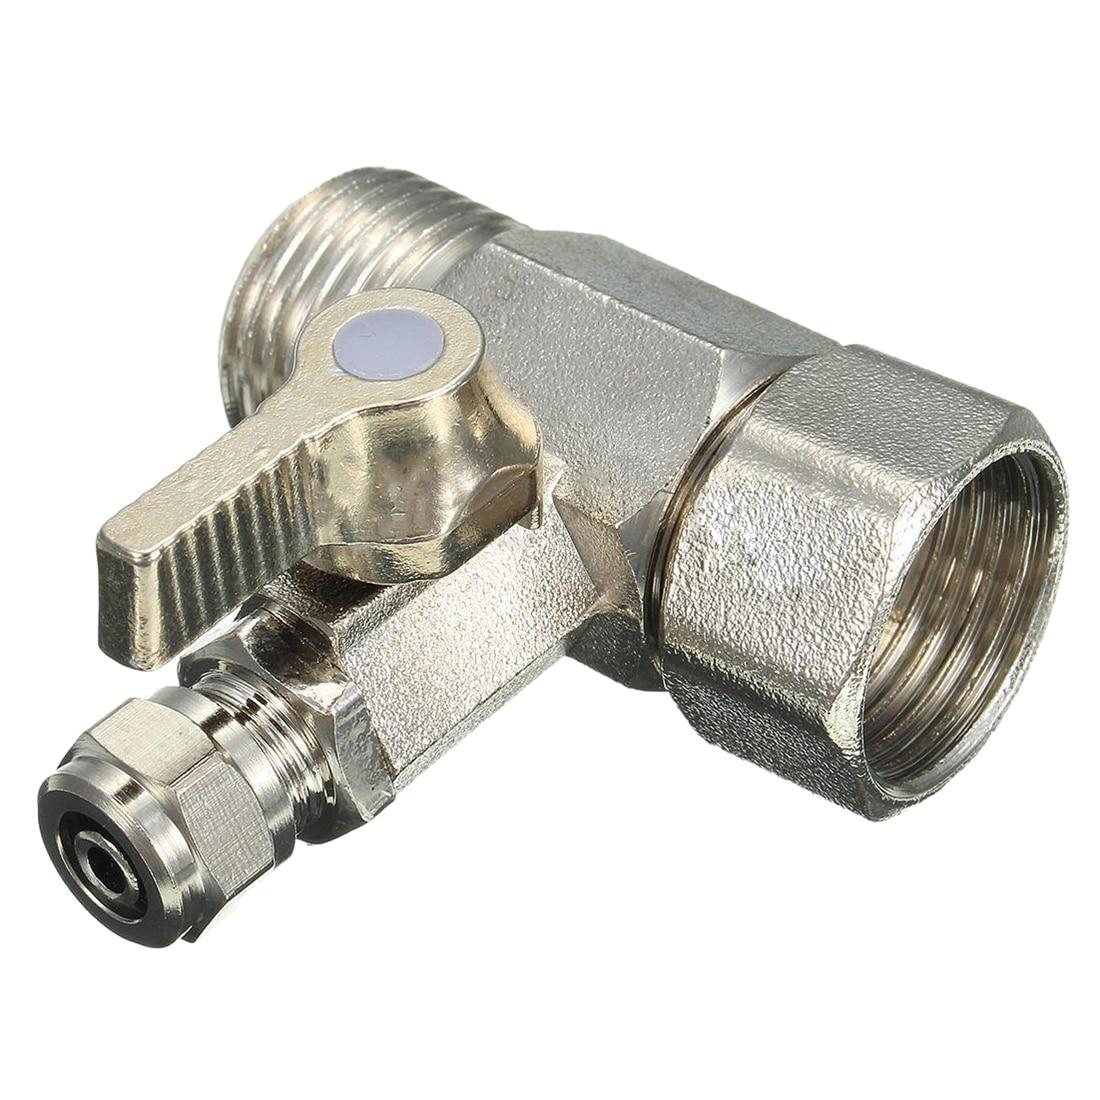 Neue Ro Speisewasser Adapter 1/2 zu 1/4 Ball Ventil Wasserhahn Tap Feed Umkehrosmose Silber GroßEs Sortiment Ventil